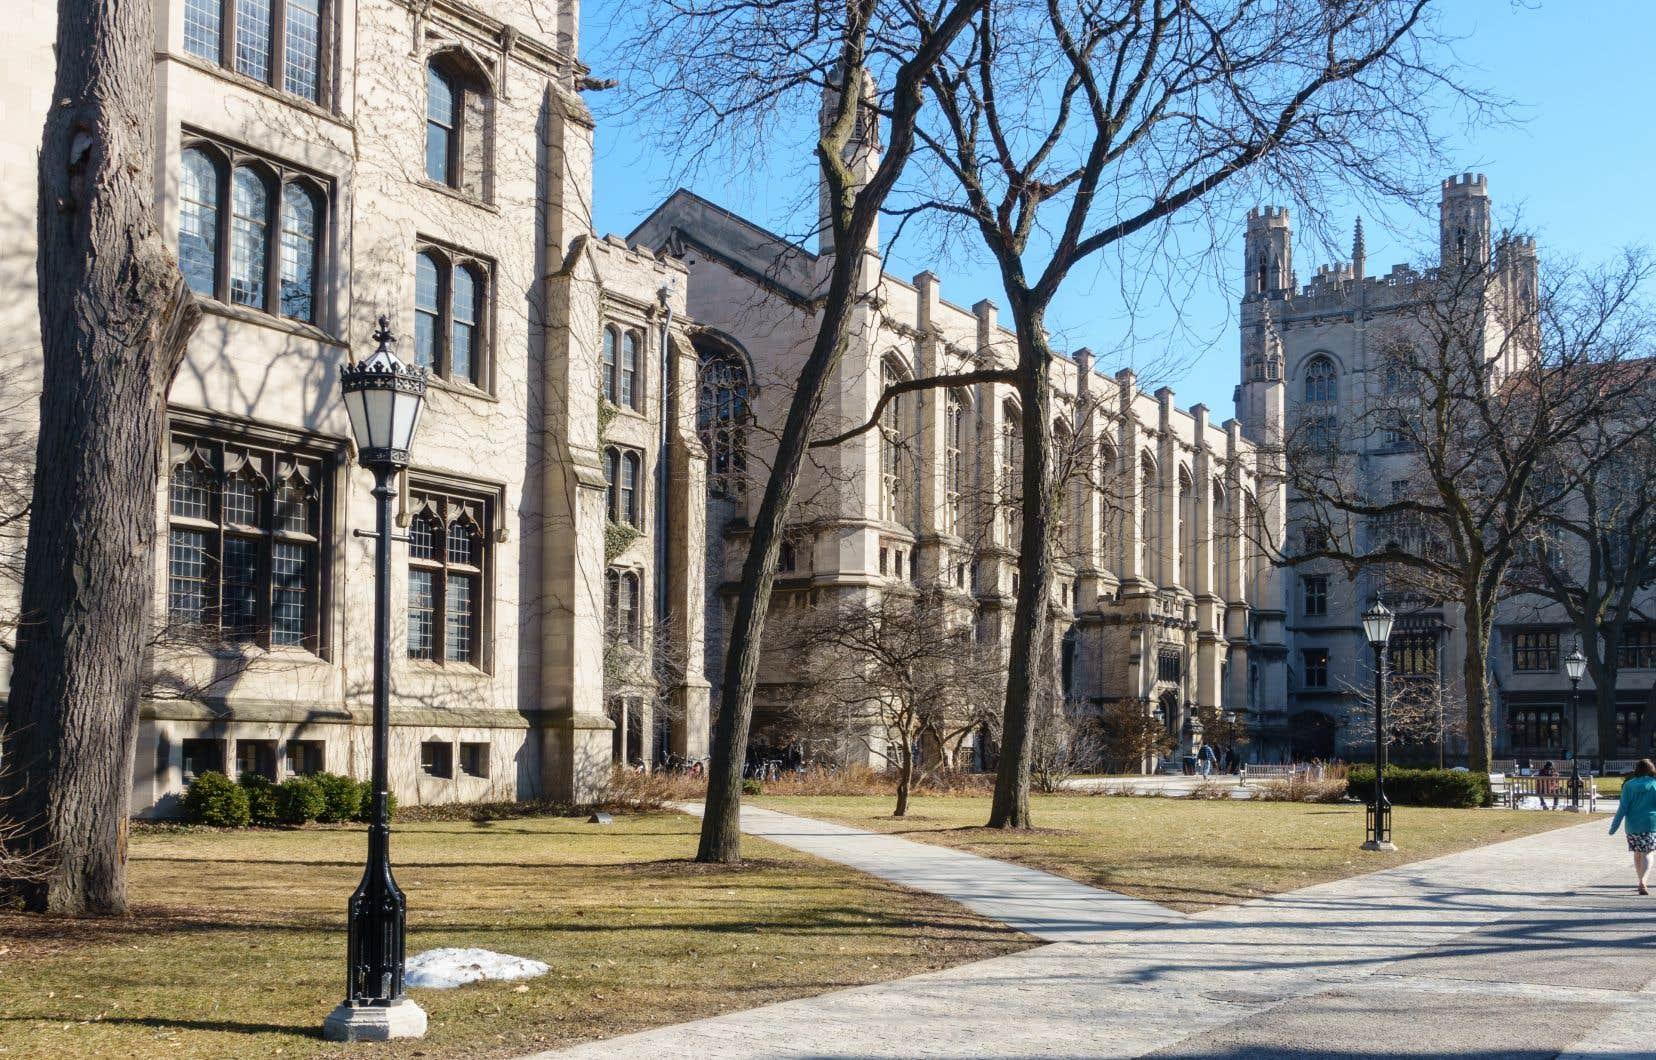 Les murs de pierre soutenus par d'imposants contreforts de l'Université de Chicago, les fenêtres en ogive ainsi que les classes lambrissées de bois sombres conservent les traces d'un certain idéal d'éducation, selon l'auteur.